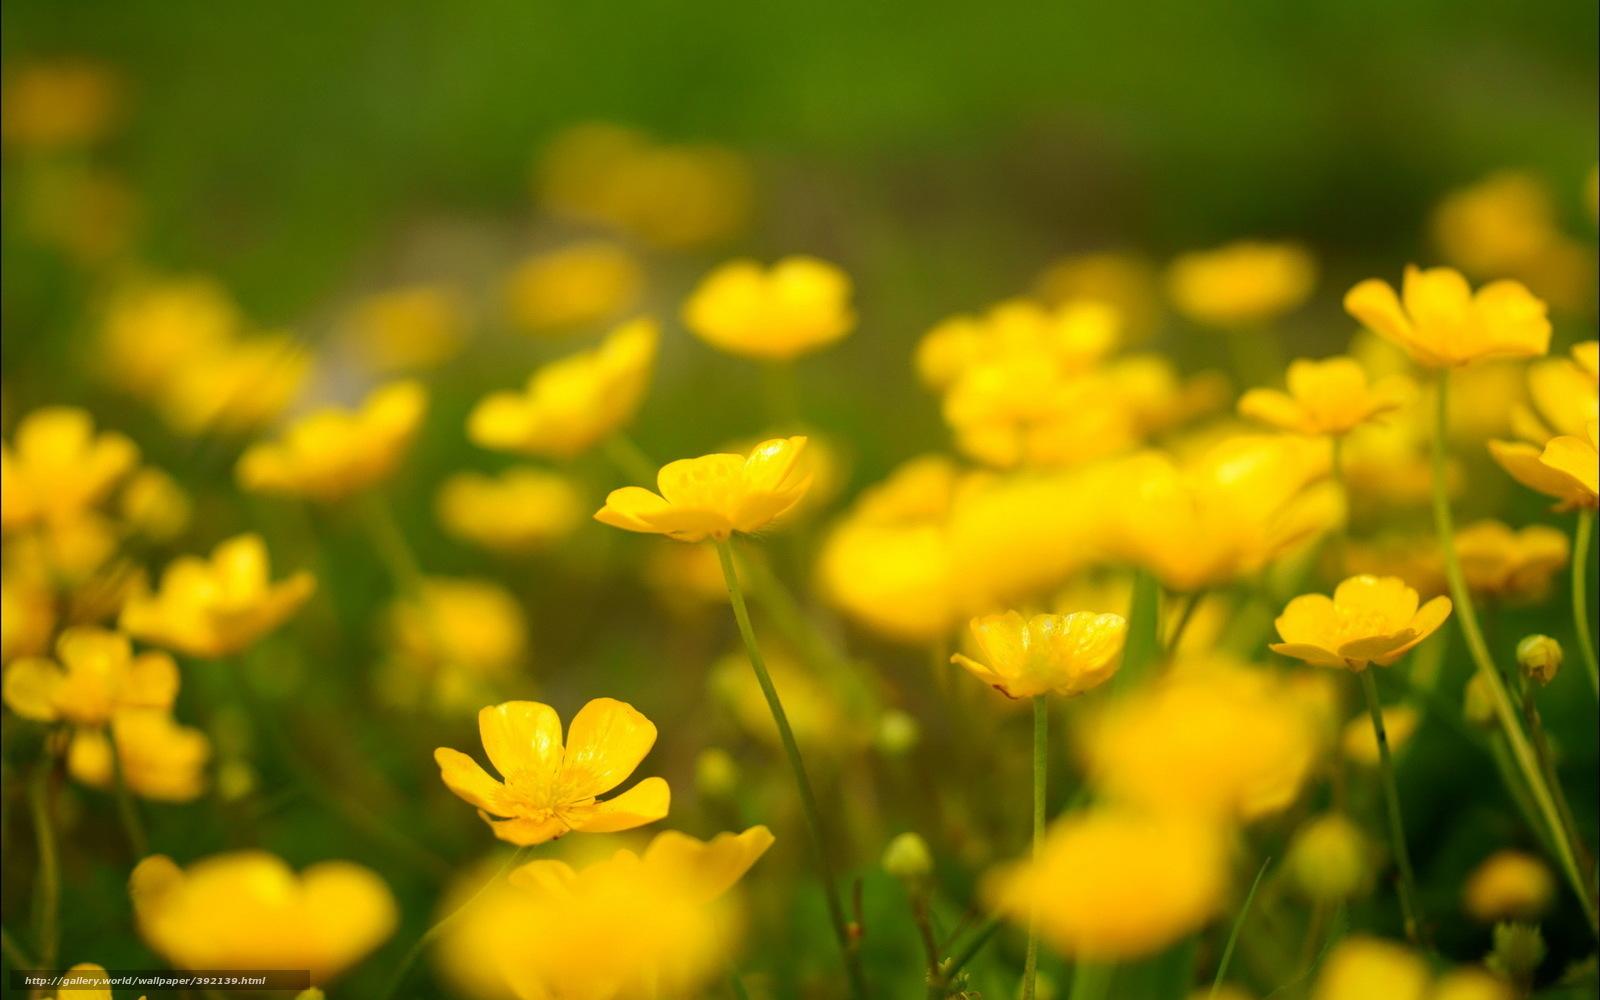 Scaricare gli sfondi primavera fiori campo natura for Sfondi desktop primavera